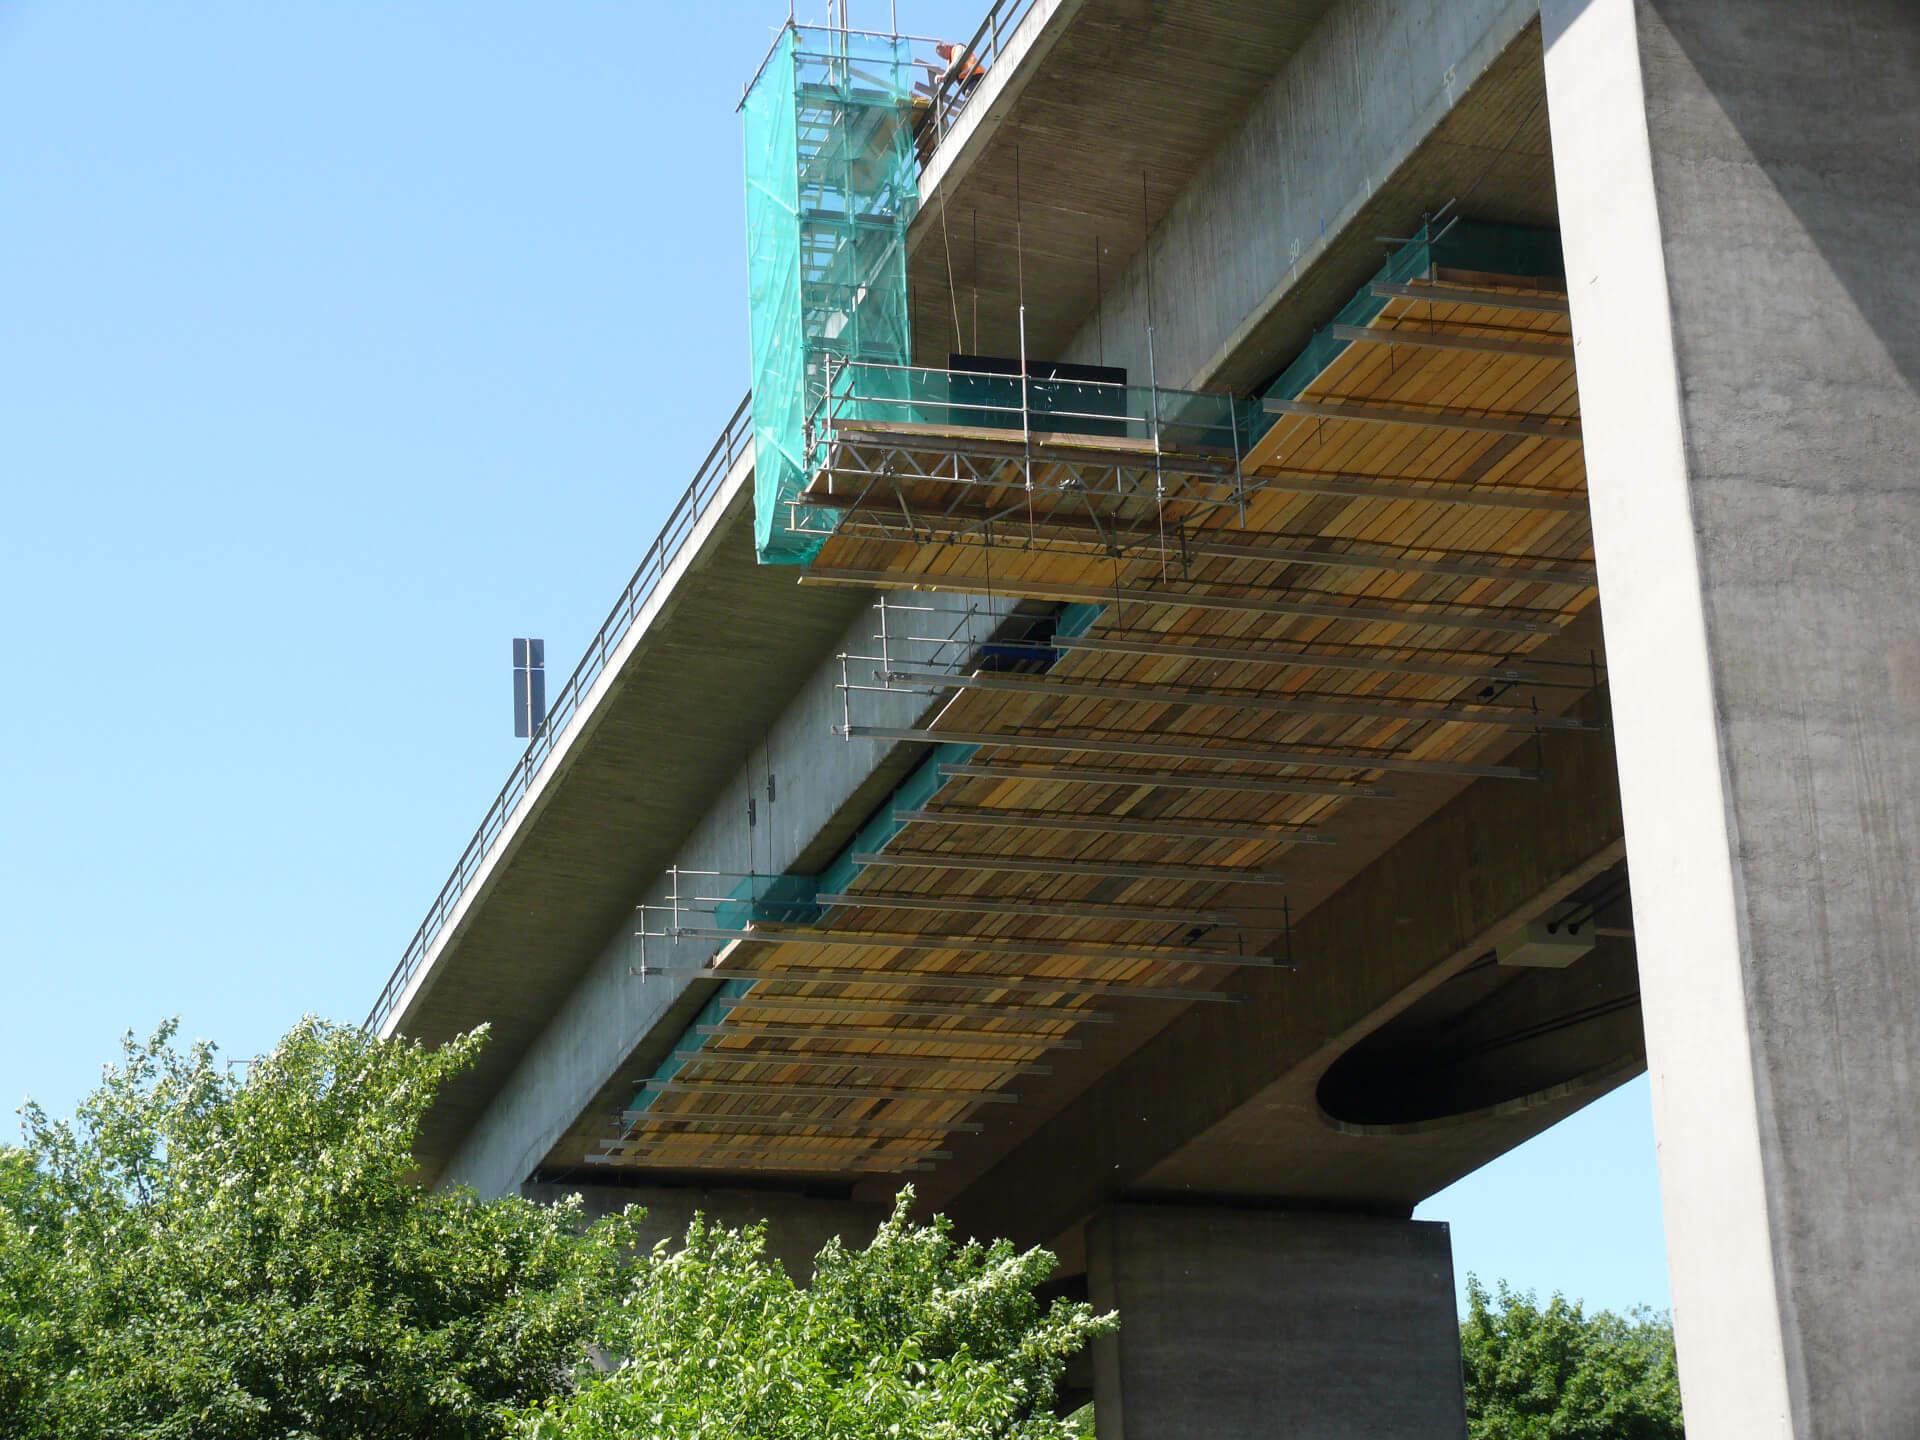 Hängegerüst Autobahnbrücke von unten